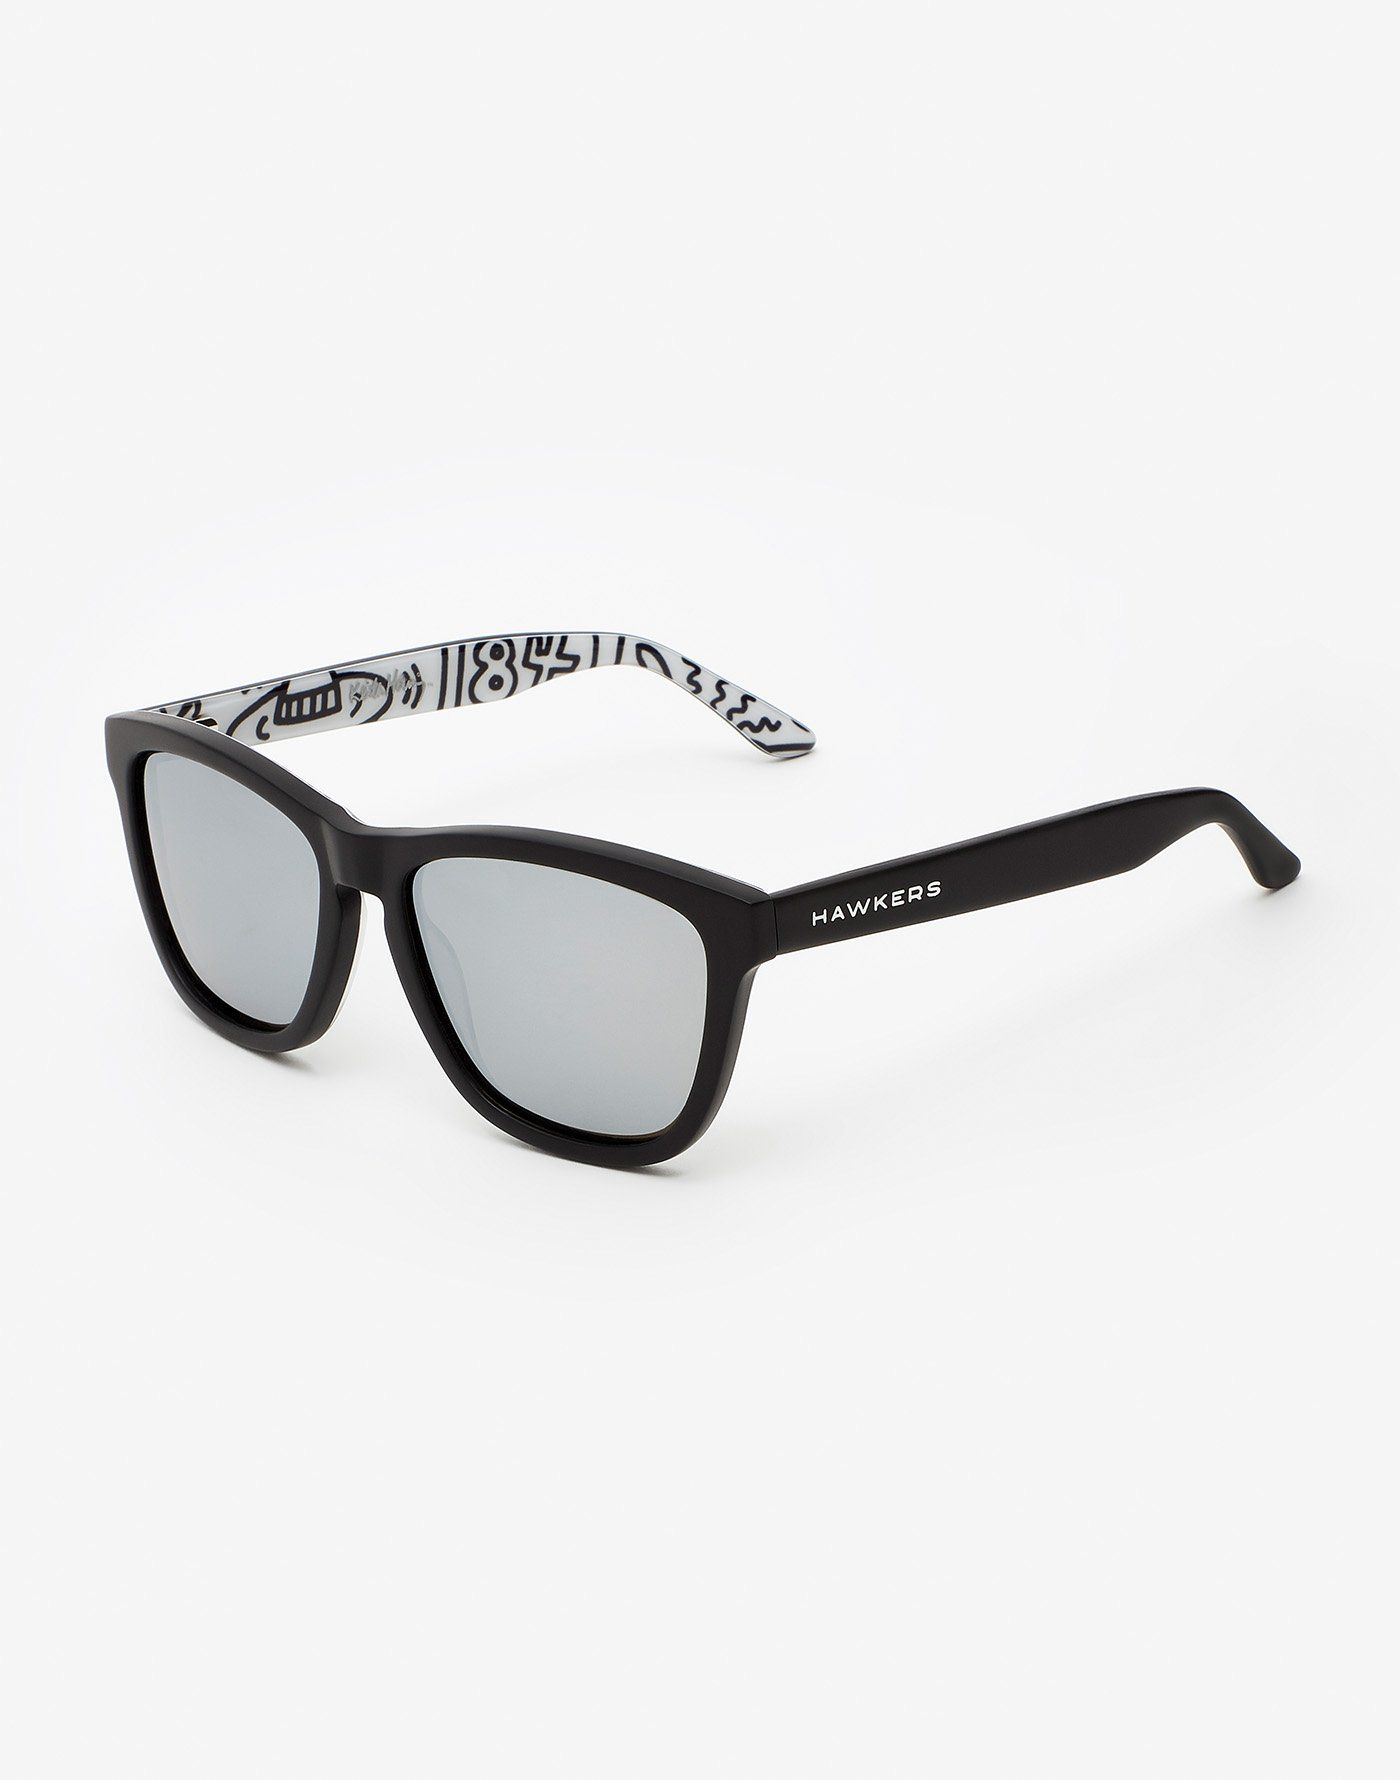 e4f32b851a ALL BLACK Edición especial de gafas de sol inspiradas en la obra del  artista pop Keith